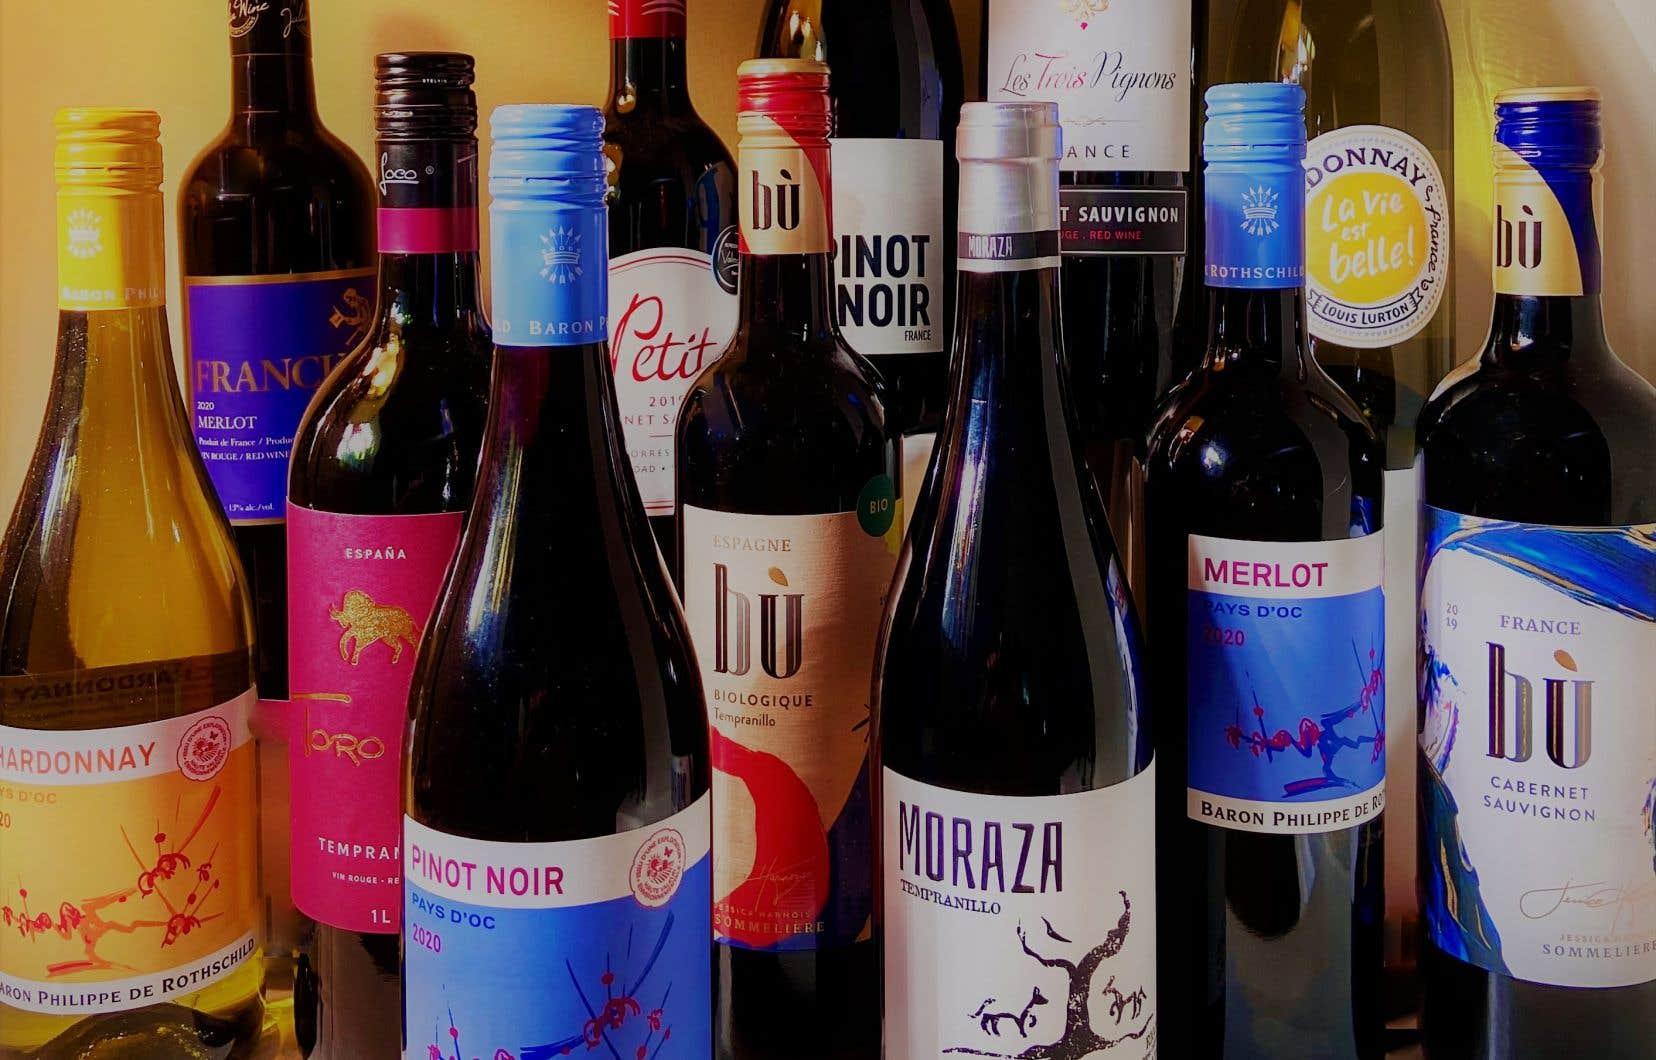 Dégustés entre 12 et 14ºC, les vins vendus en épicerie et en SAQ se sont avérés interchangeables sur la qualité et à prix comparables.